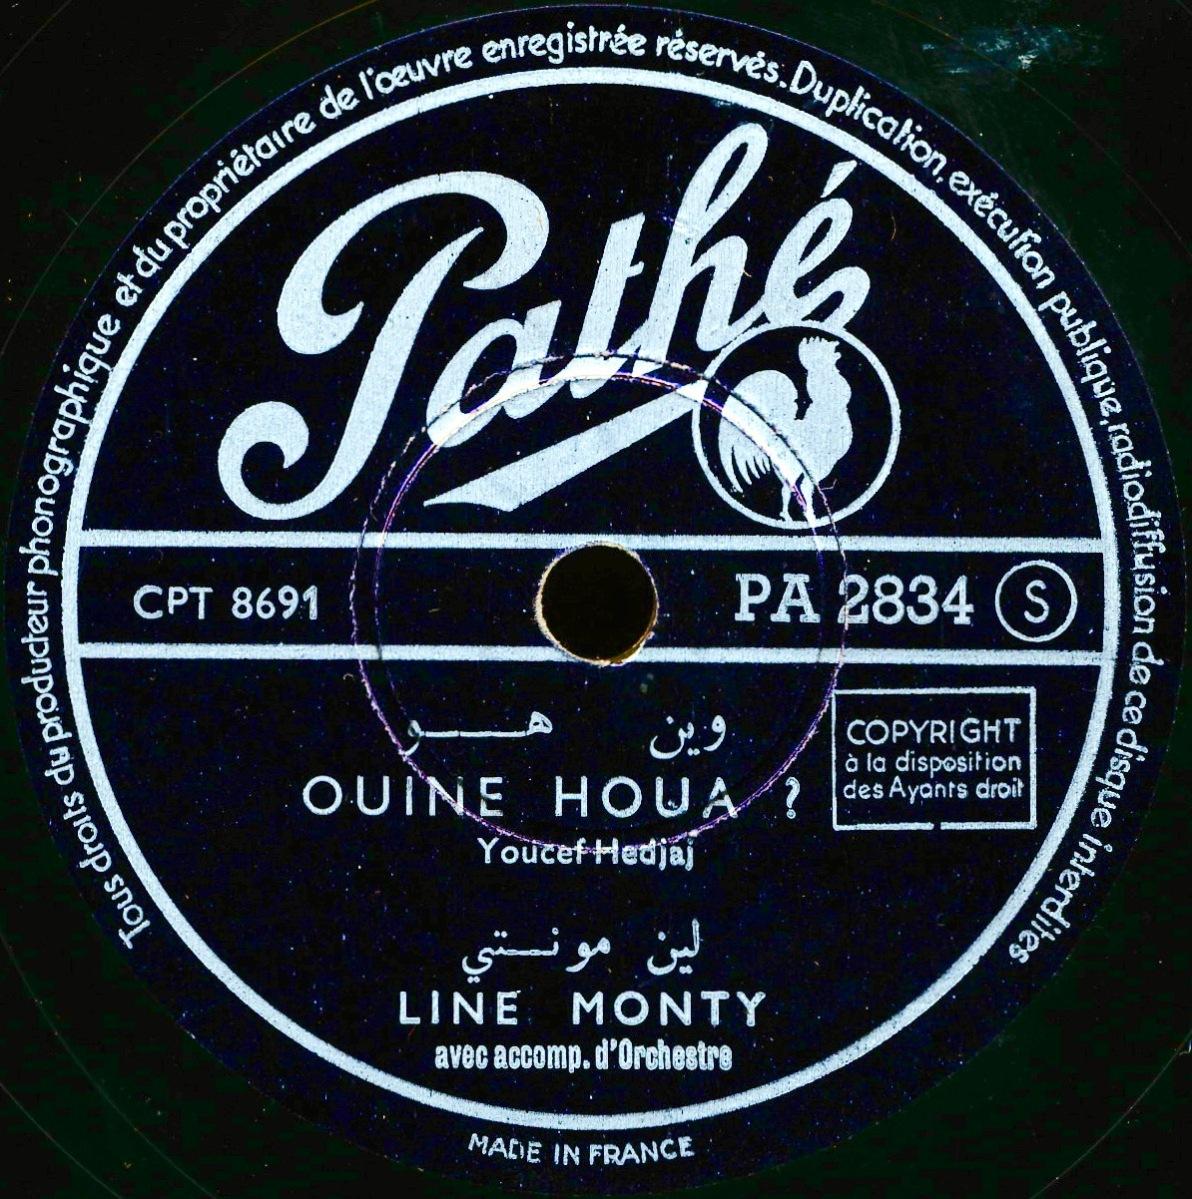 Line Monty – Ouine houa? – Pathé, c. 1952